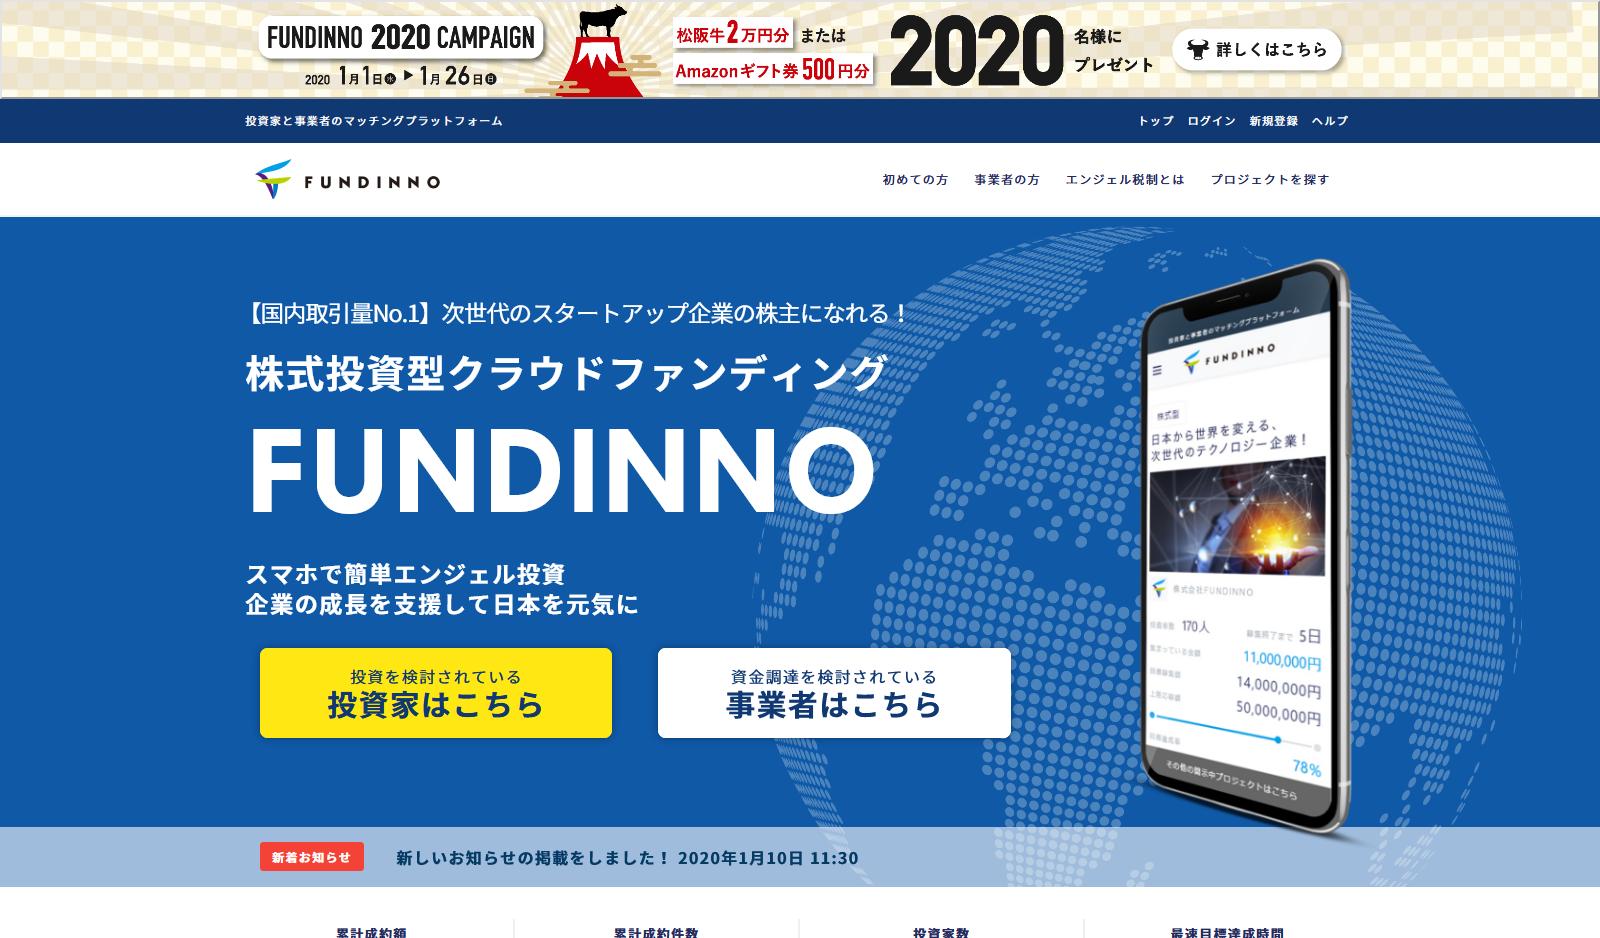 量日本No1!※日本初の株式投資型クラウドファンディング-ベンチャー企業・非上場企業への新しい投資と増資による資金調達のマッチングプラ